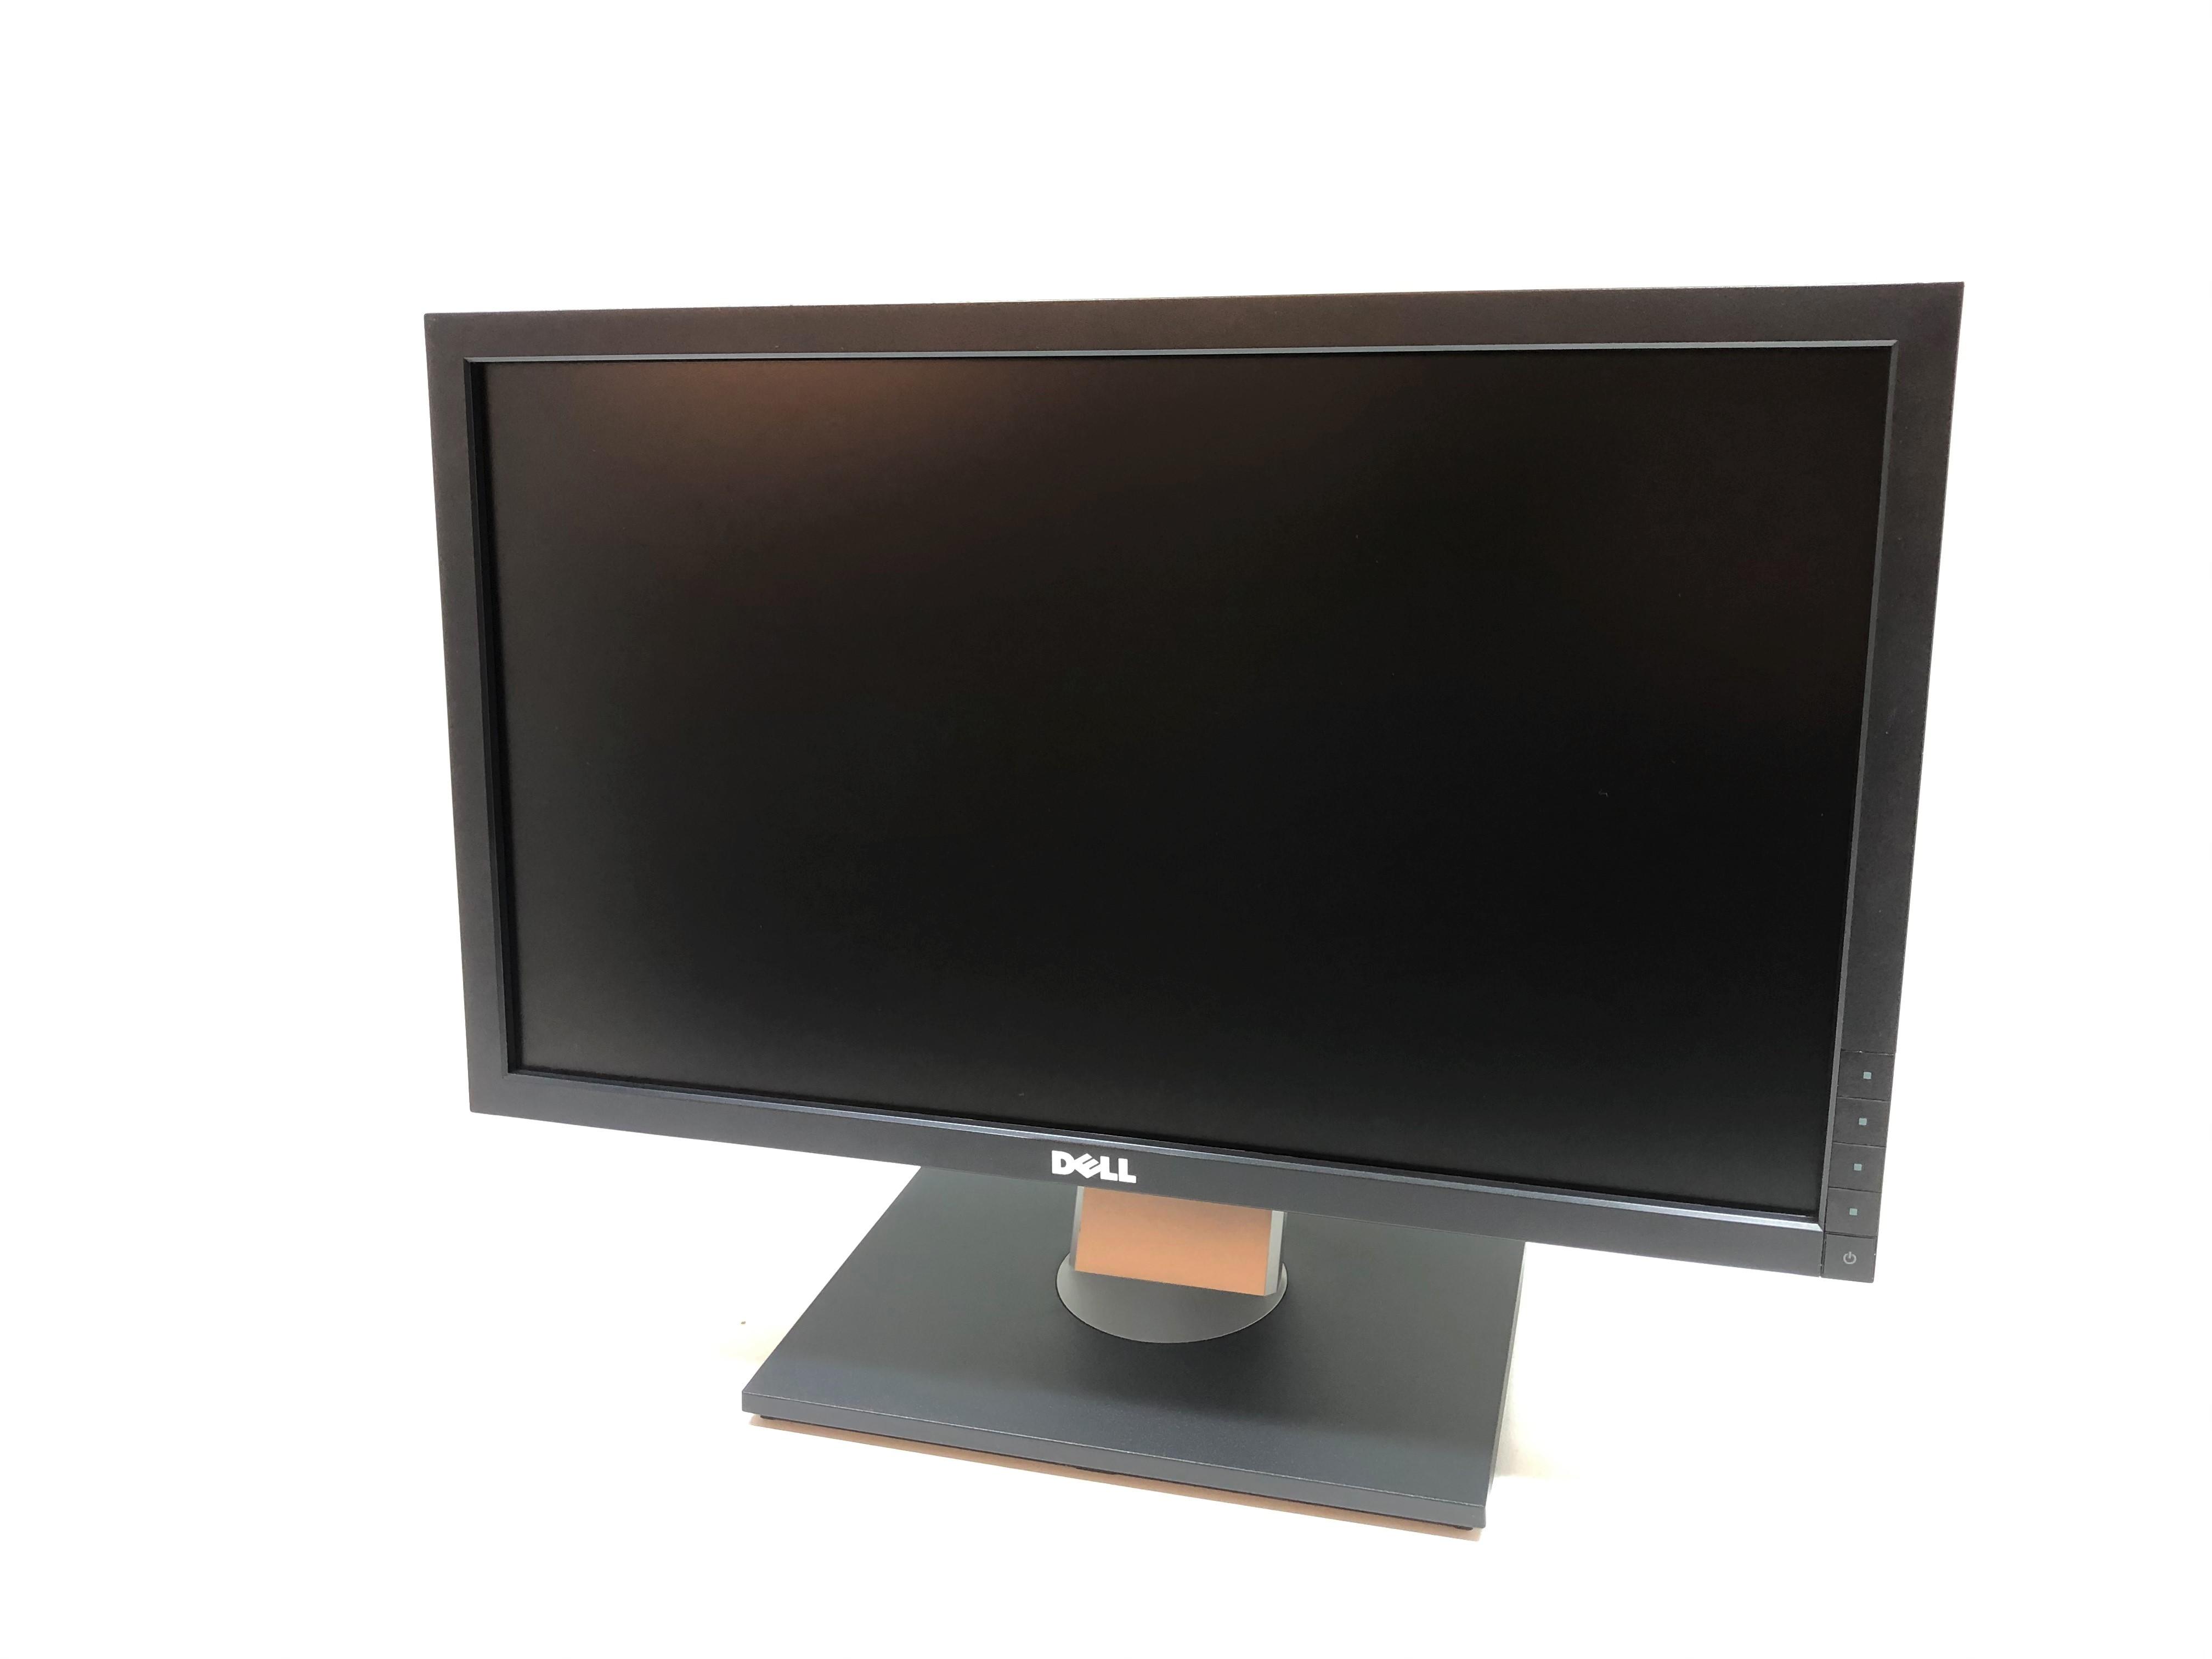 Dell-P2210Hc